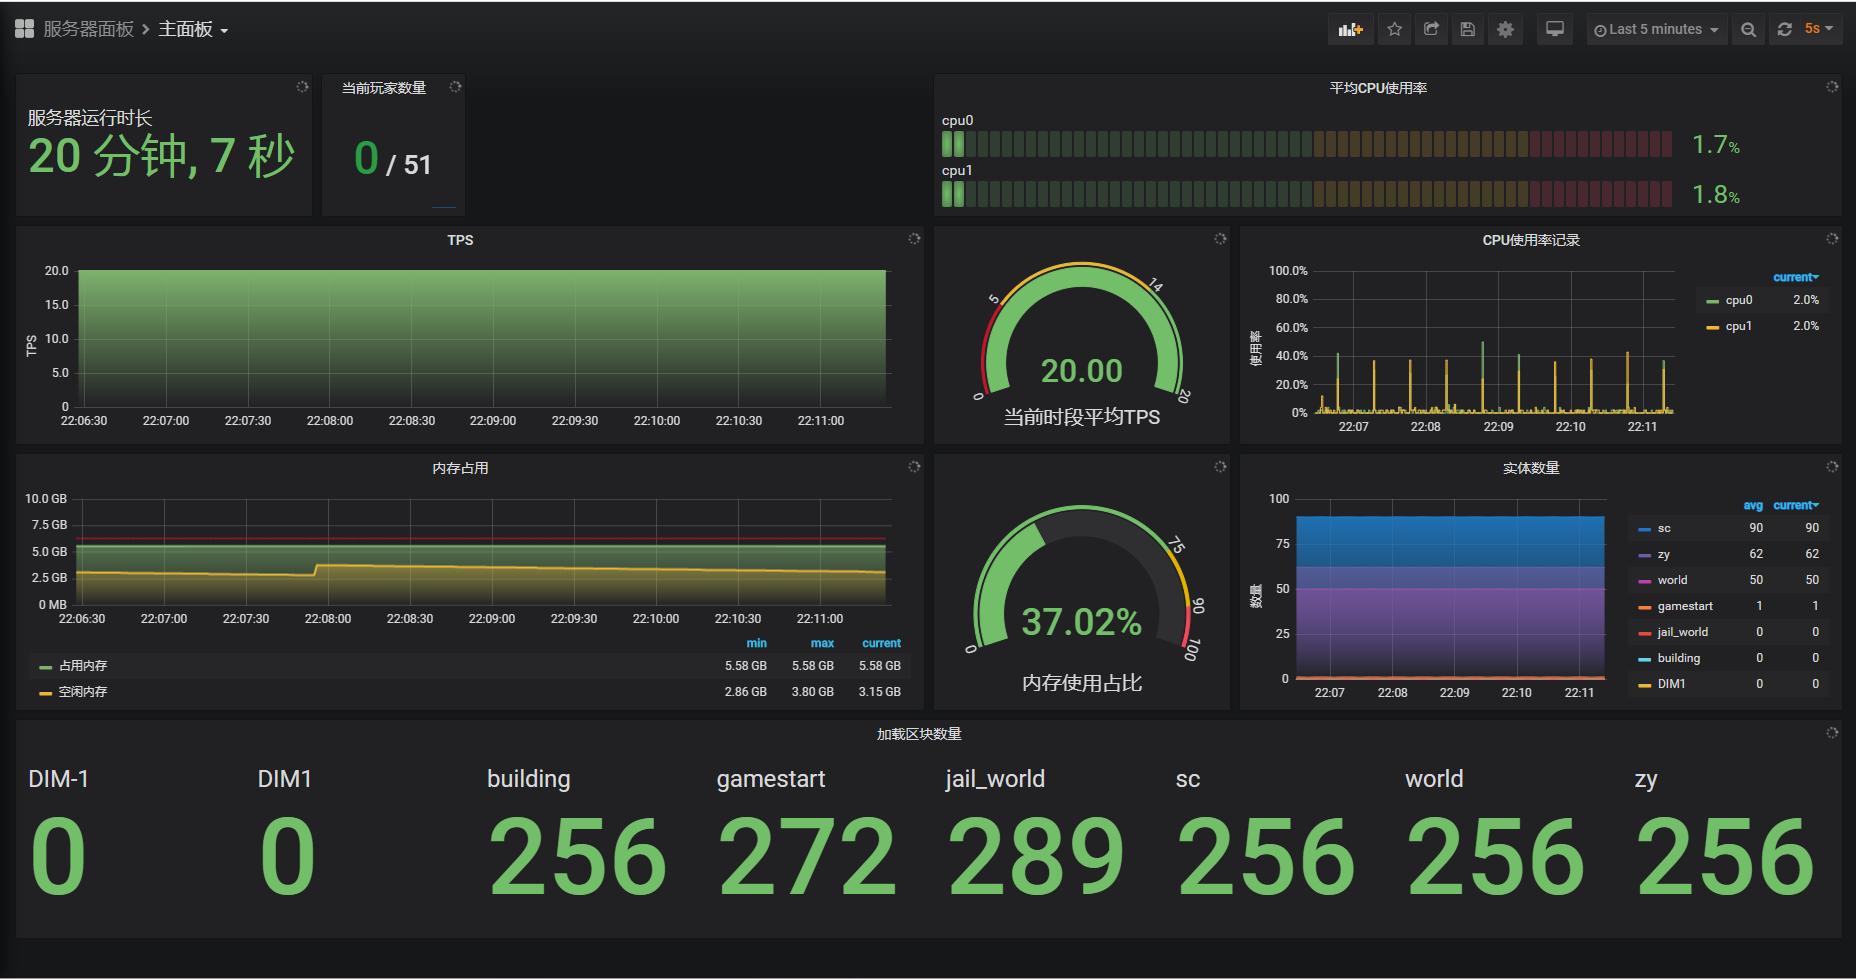 [面板预设]xydp主面板预设20200330